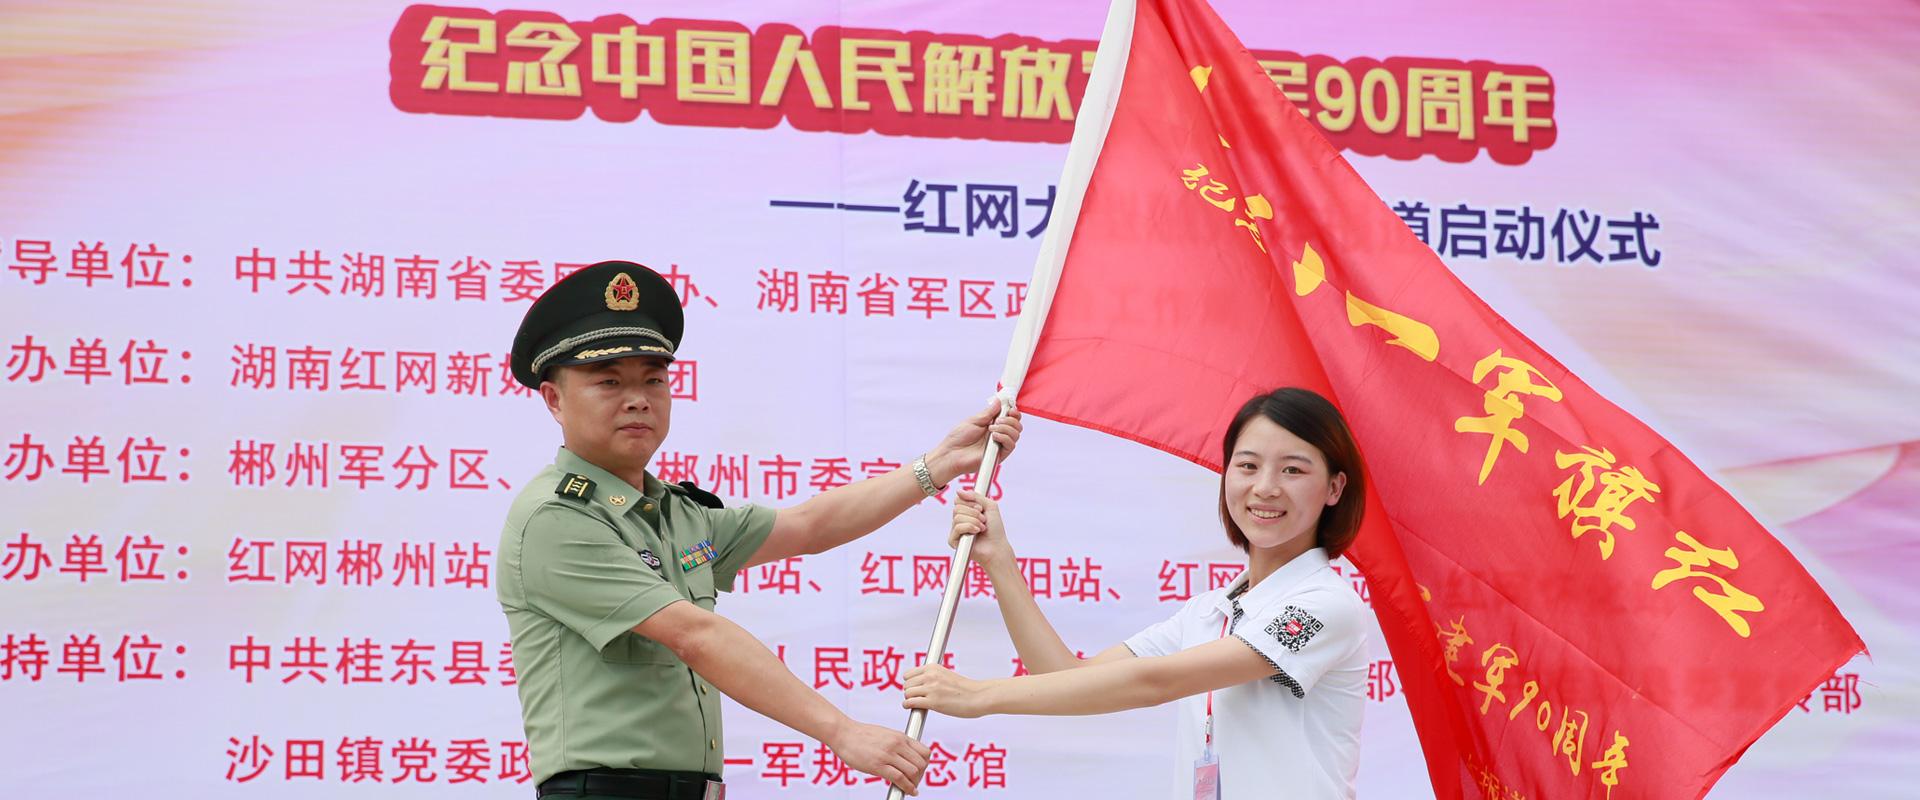 郴州军分区政治工作处主任张淼向采访团授旗。